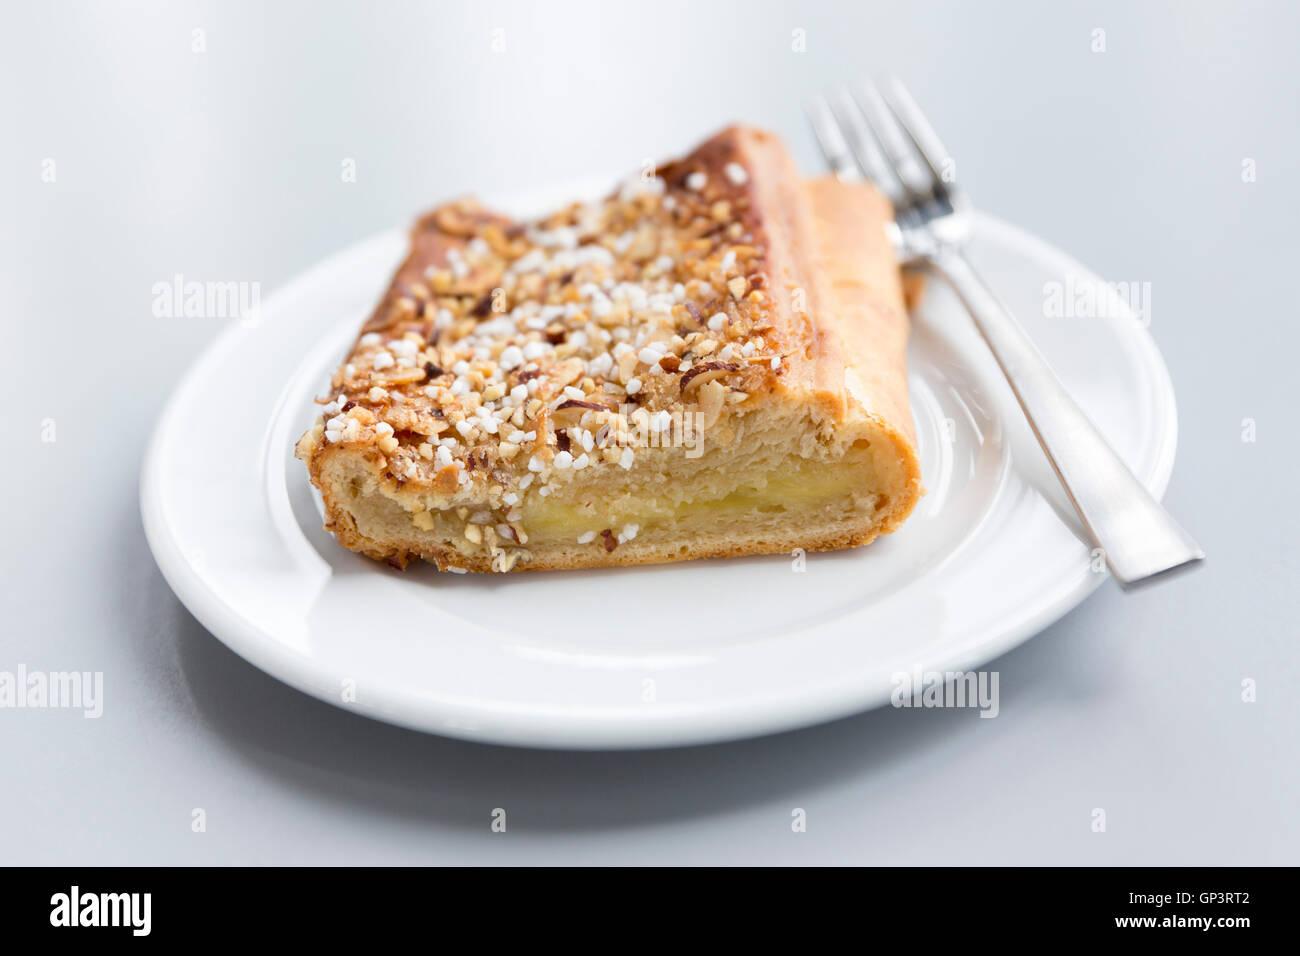 Pâtisserie danoise sur plaque blanche avec fourche - gâteau sucré traditionnel avec apple les écrous Photo Stock